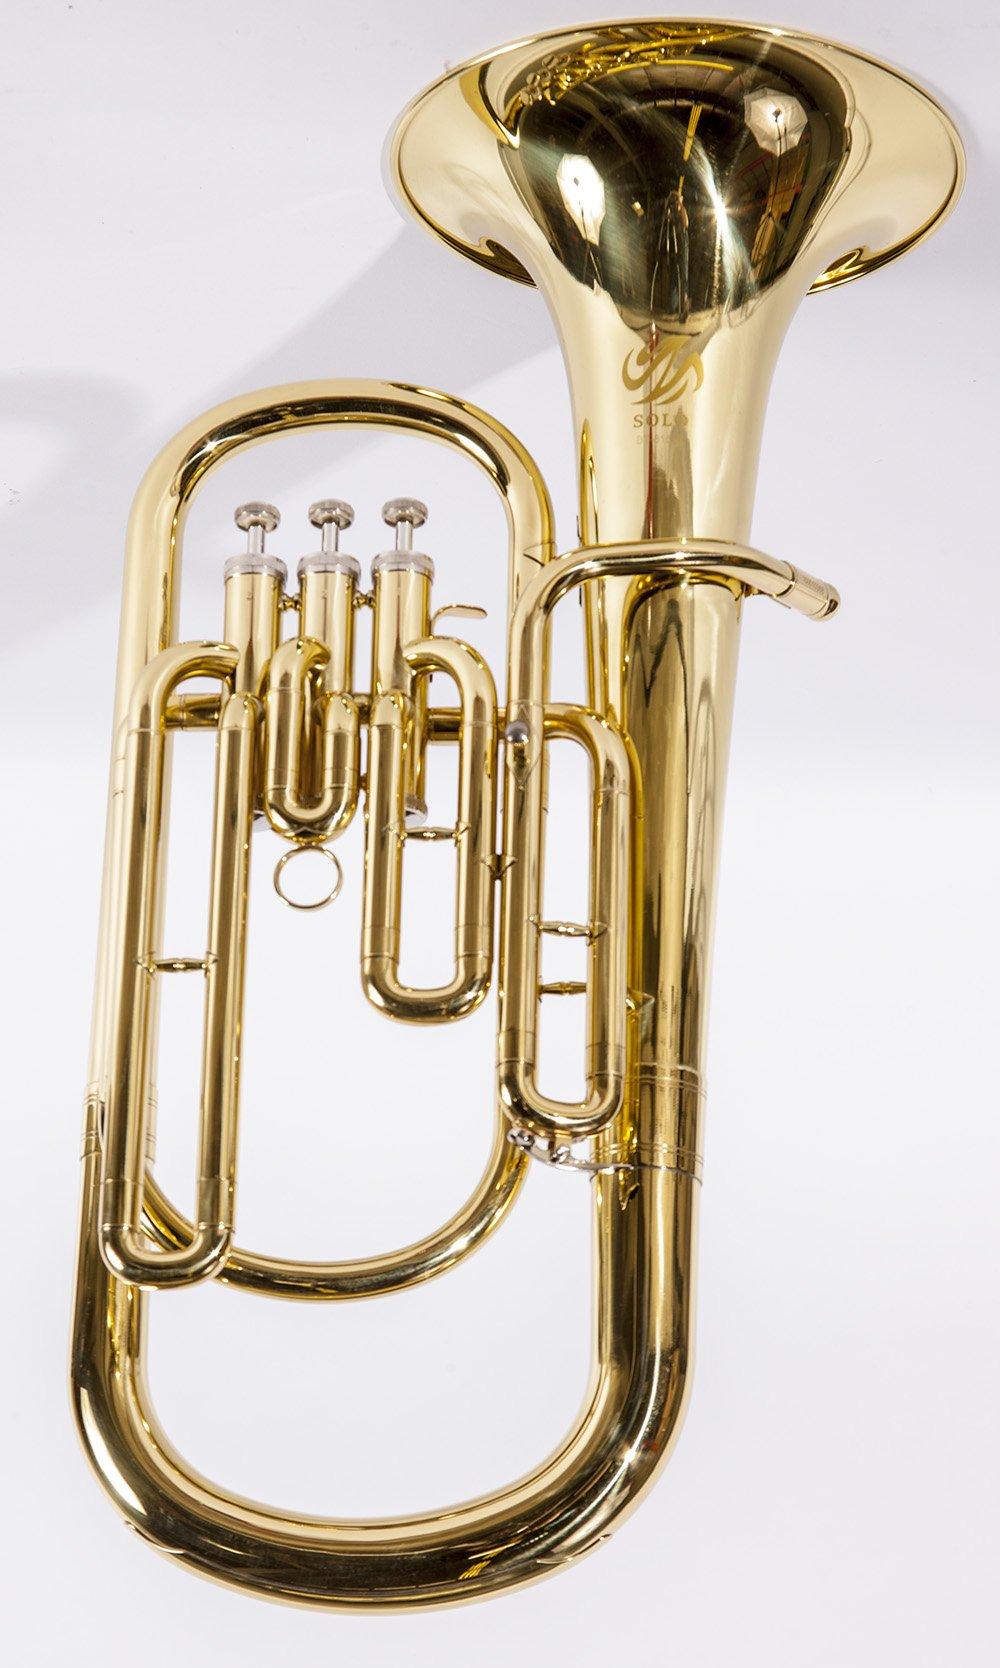 SOLO 80L3 Baritone Horn